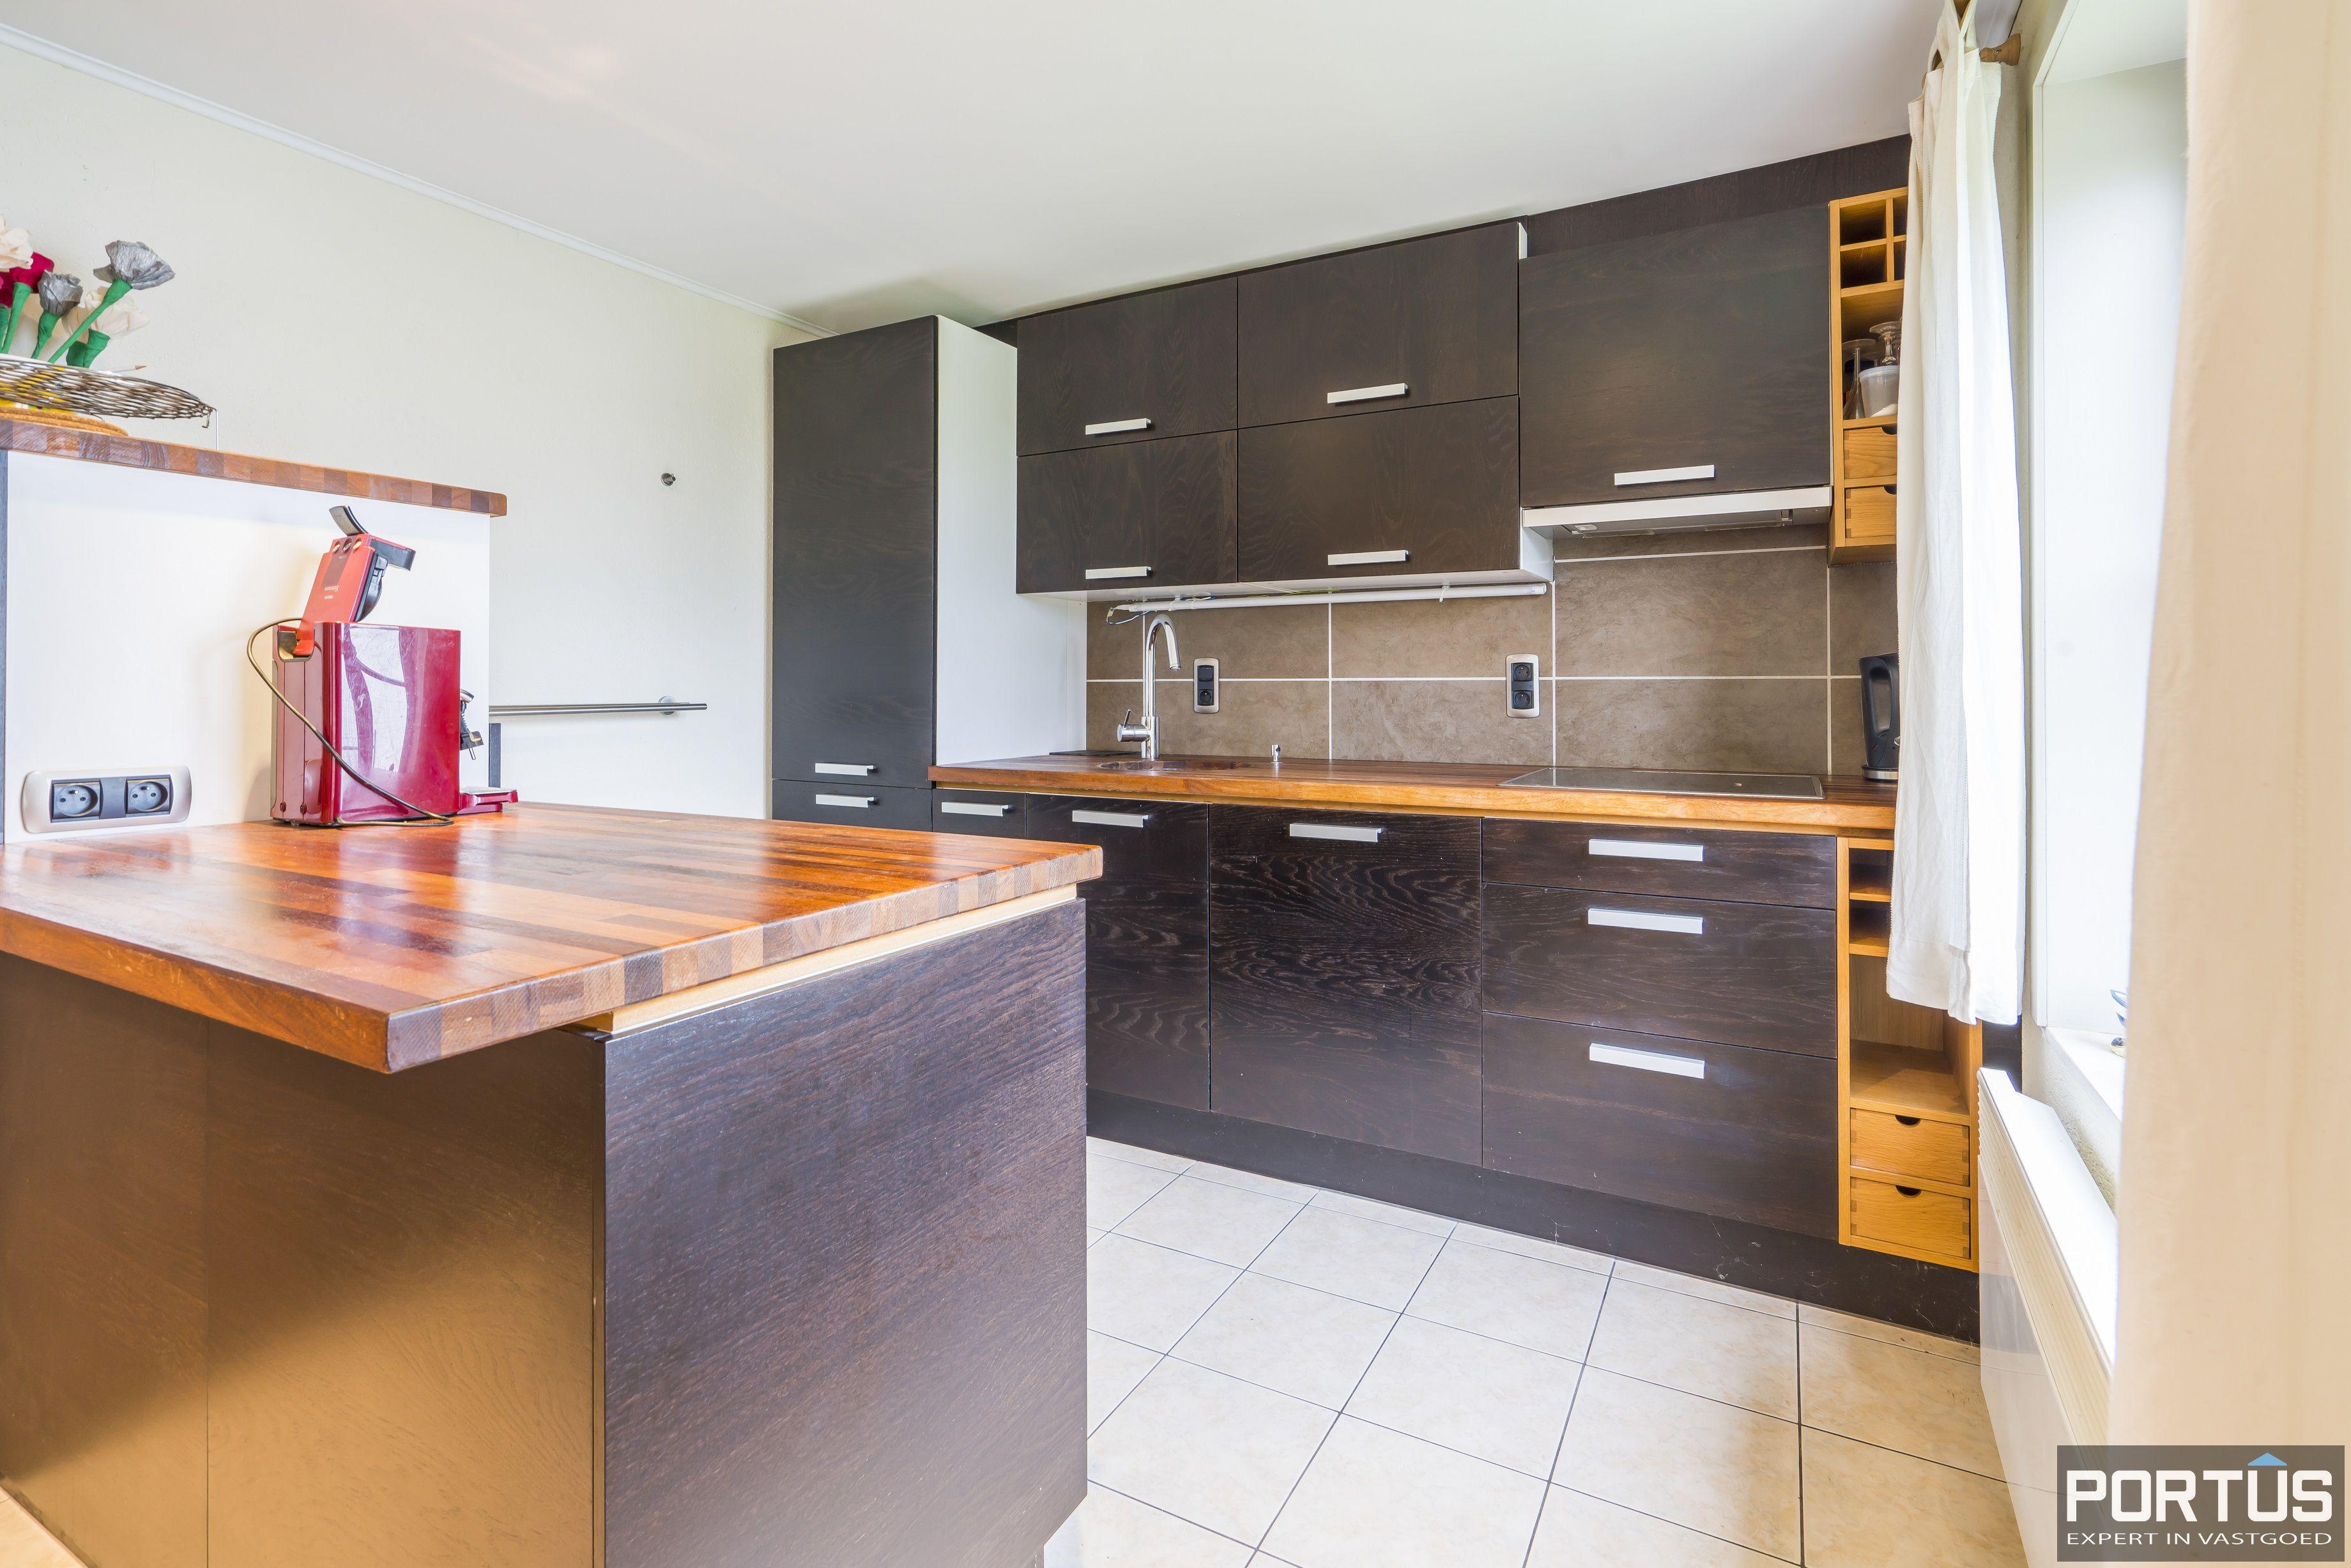 Instapklare woning met 3 slaapkamers te koop - 11691